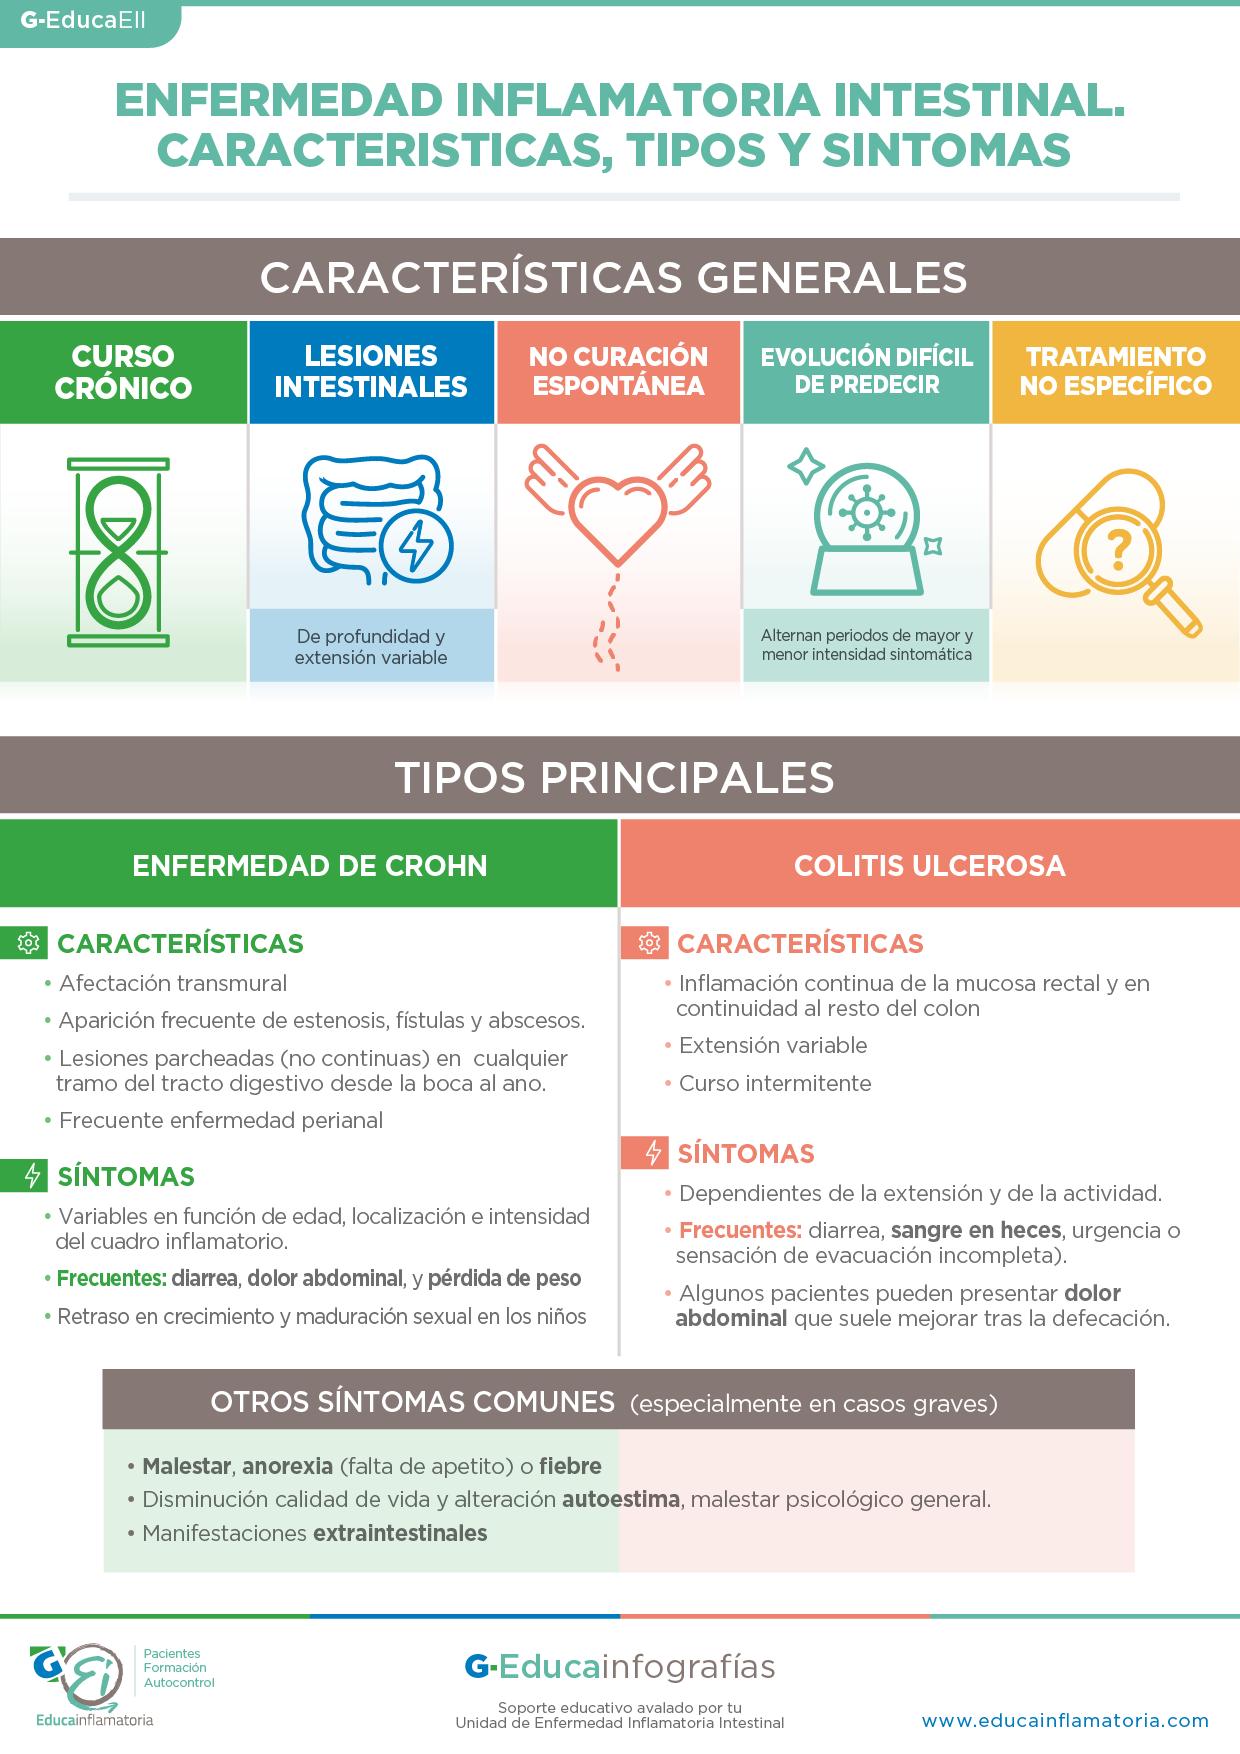 EII características, tipos y síntomas